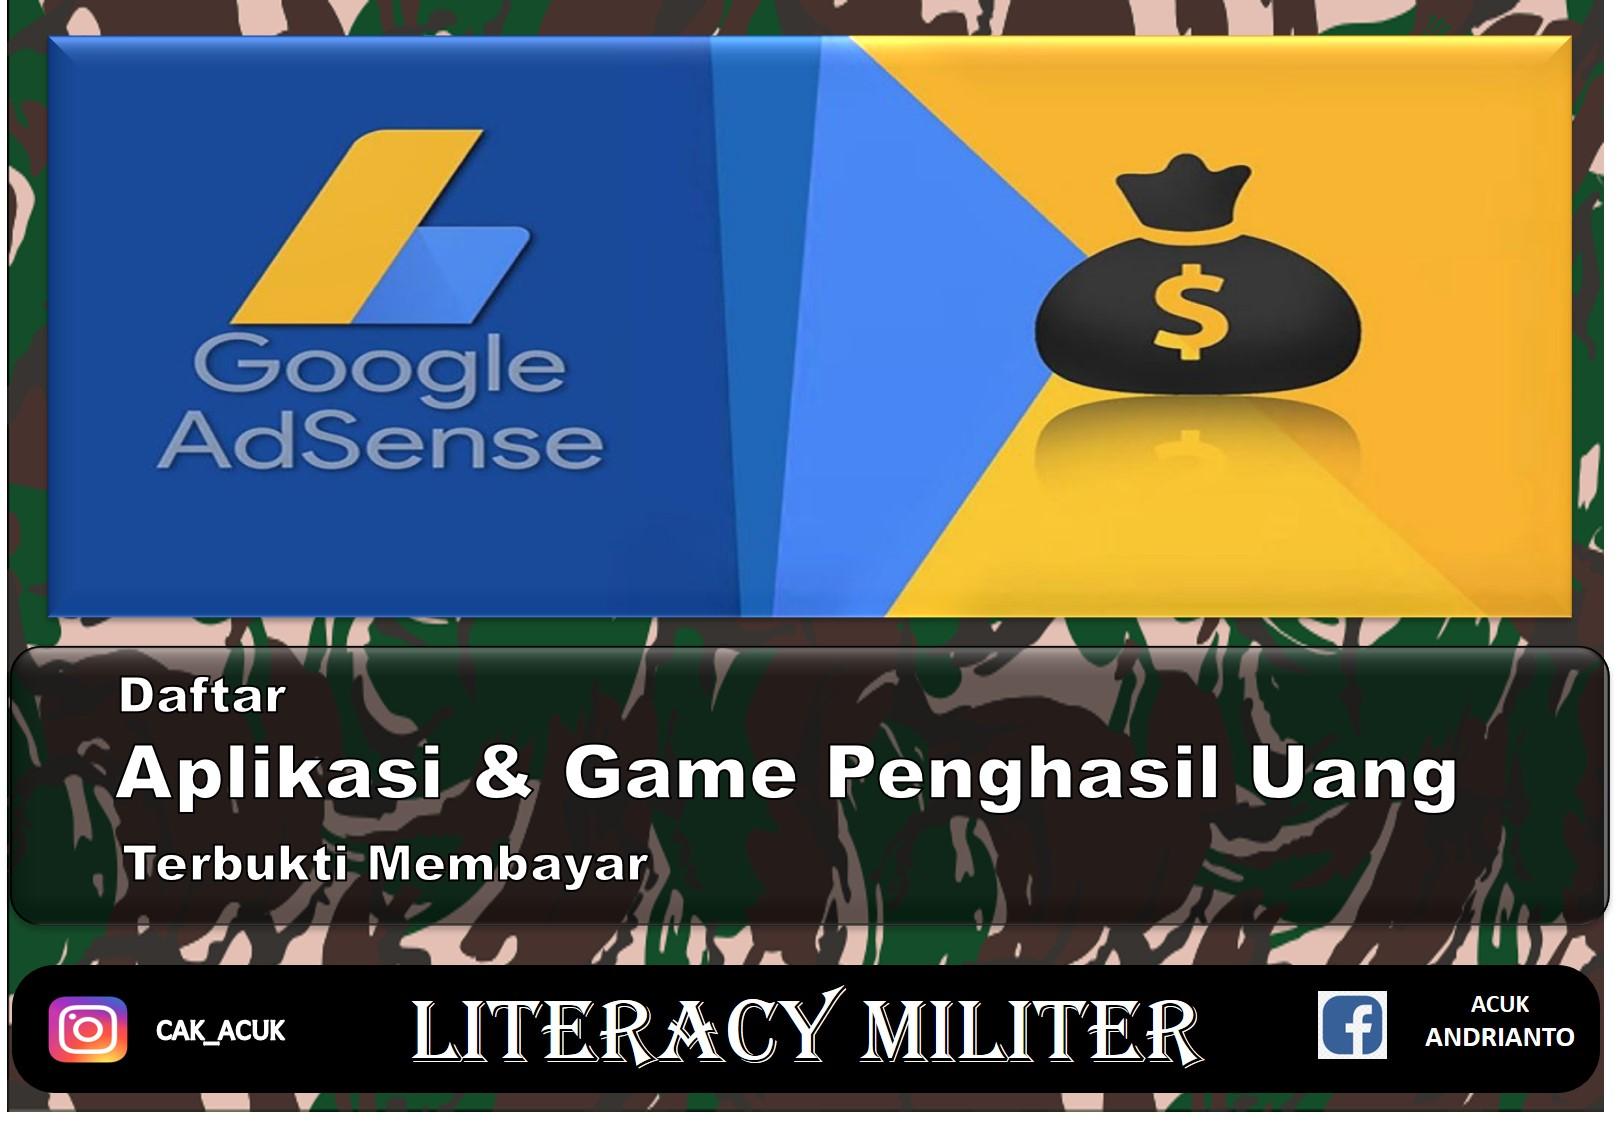 Aplikasi Dan Game Penghasil Uang Langsung Ke Rekening Benarkah Ada Literacy Militer